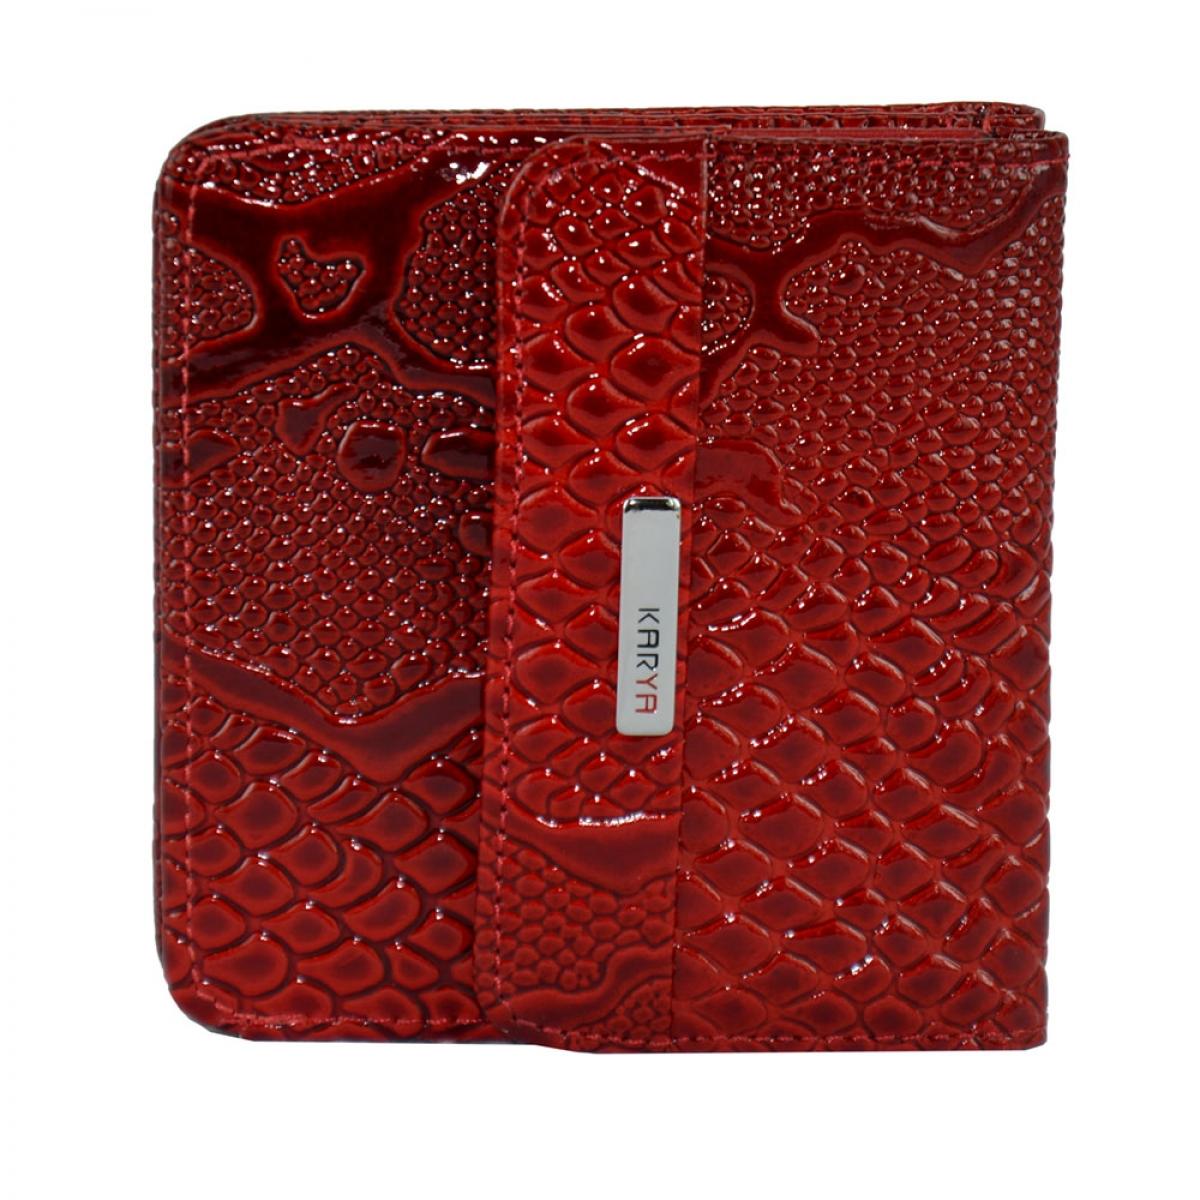 c49f48436d7d Женские кошельки из натуральной кожи недорого - интернет магазин Fancies